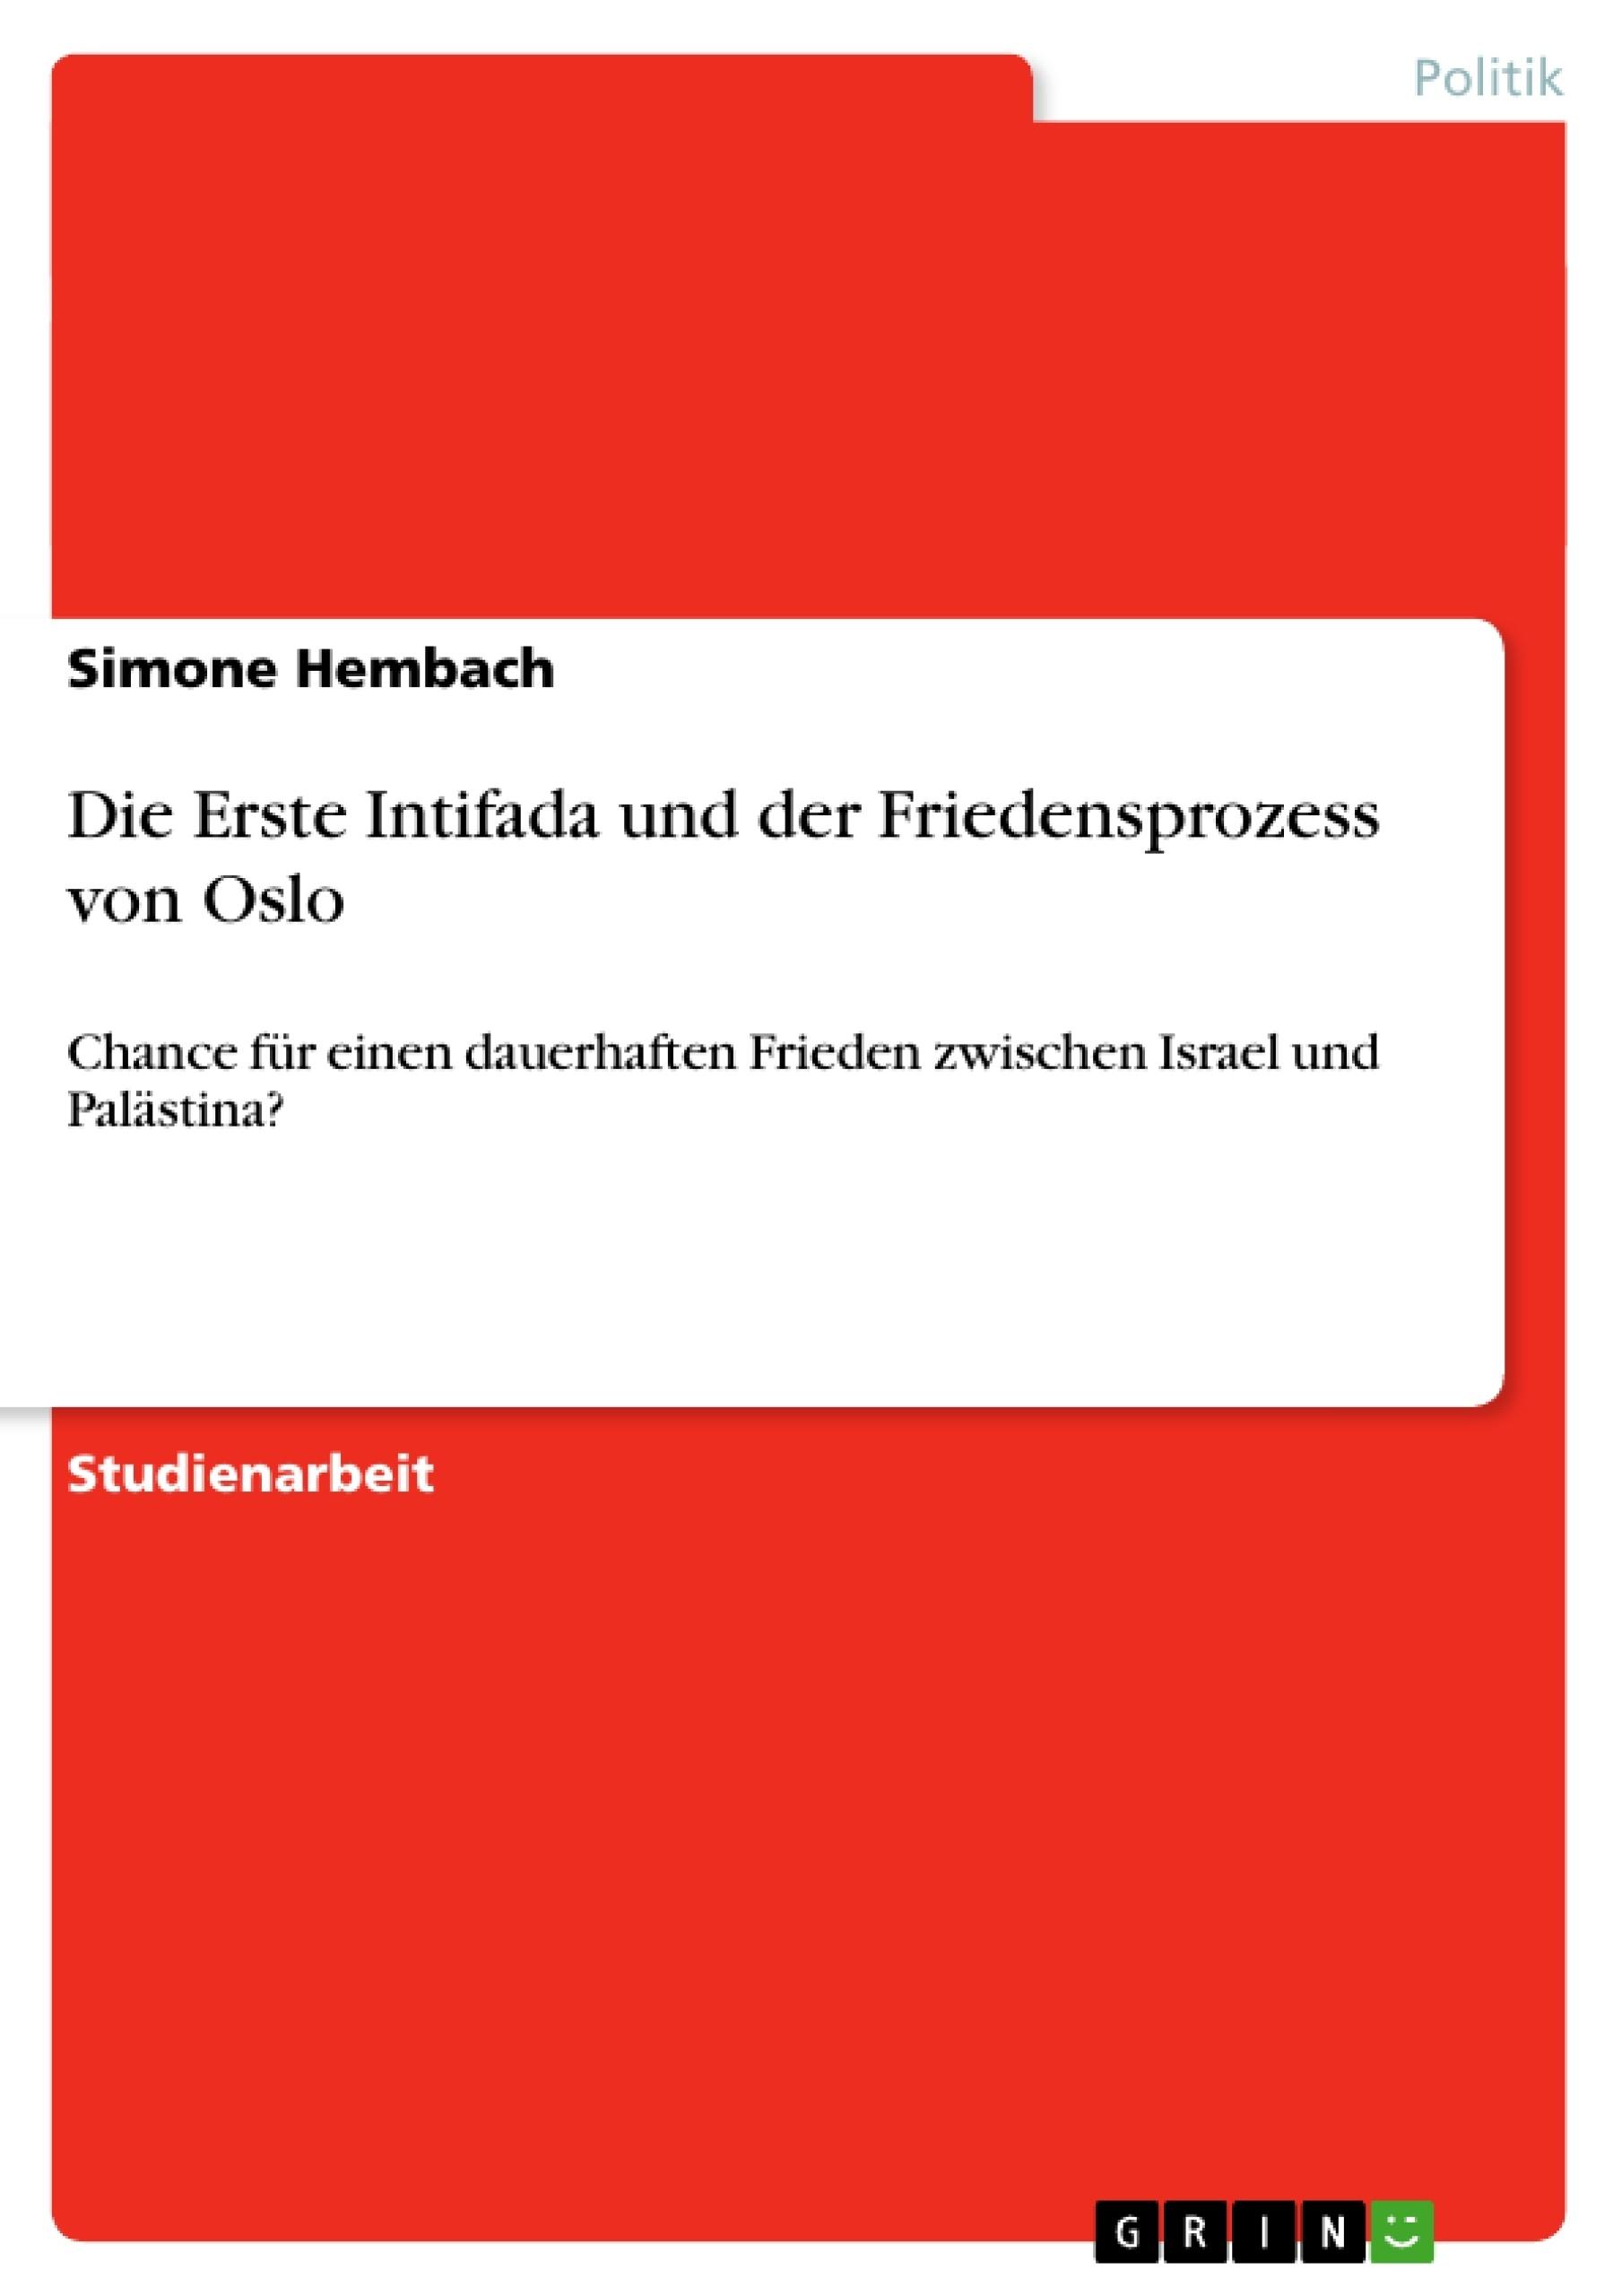 Titel: Die Erste Intifada und der Friedensprozess von Oslo